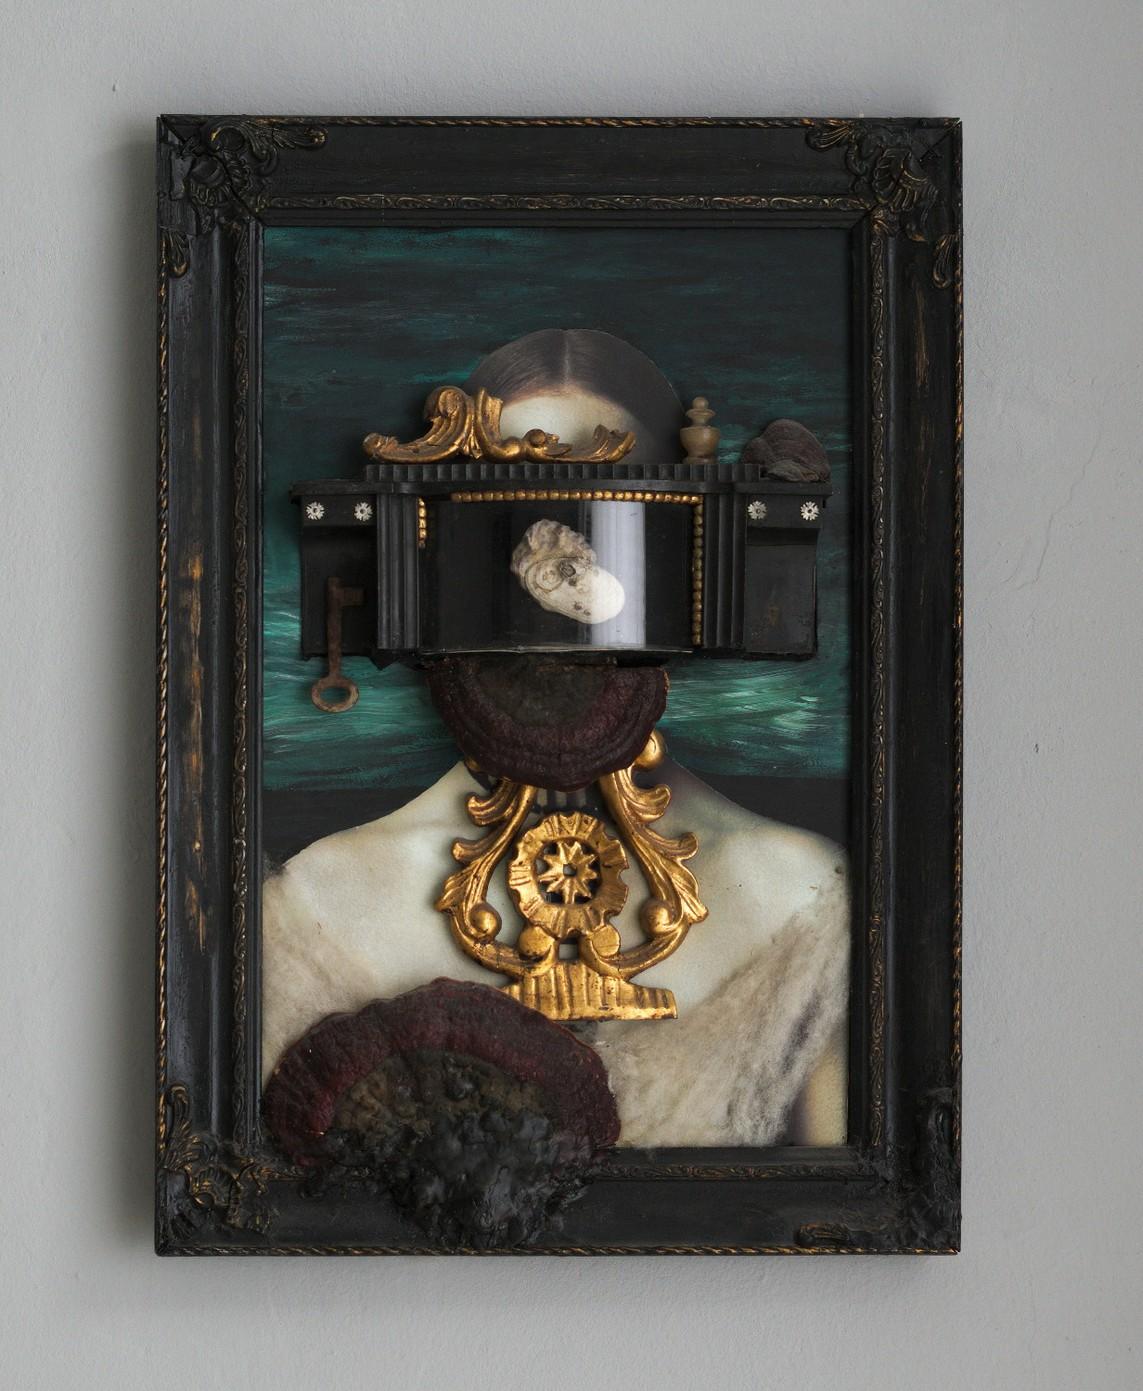 Doris Puchberger – Venus / Mixed Media, 59 x 41 ,5 x 6 cm, 2005